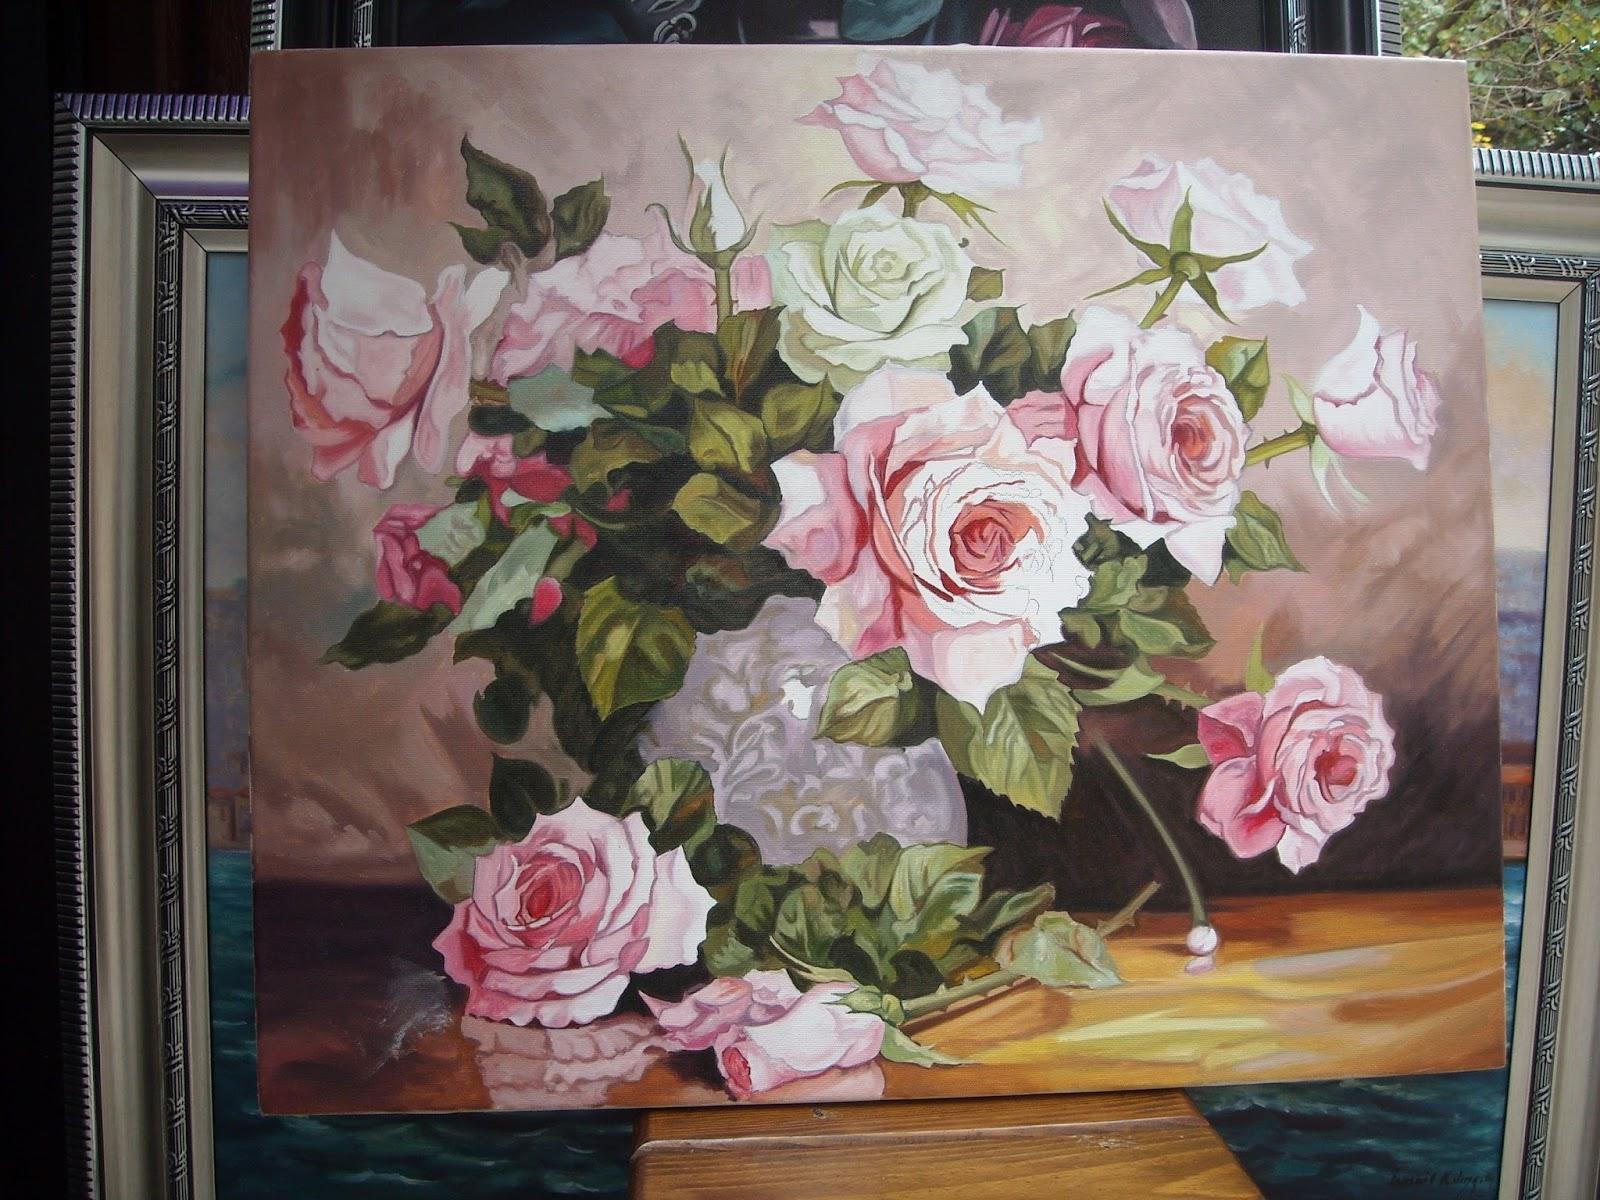 yagliboya cicek tablolari ornekleri-yaĞli boya tablo satin al 0536